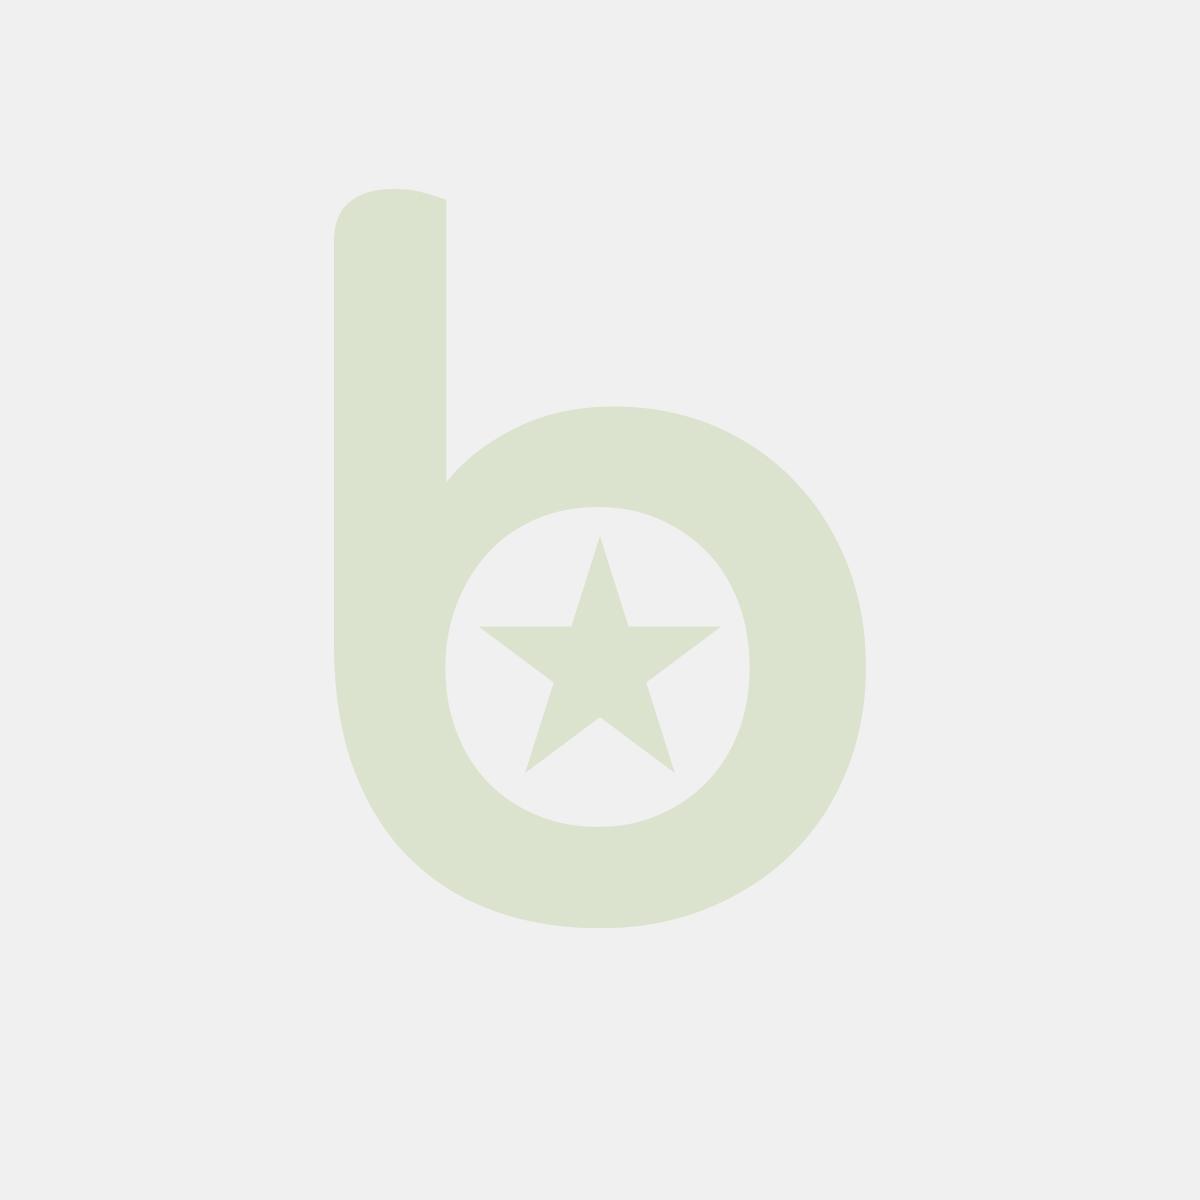 Słomki, ZAPROSZENIE, średnica 8mm,15cm op.160szt,przezr.,białe&czarne,paski